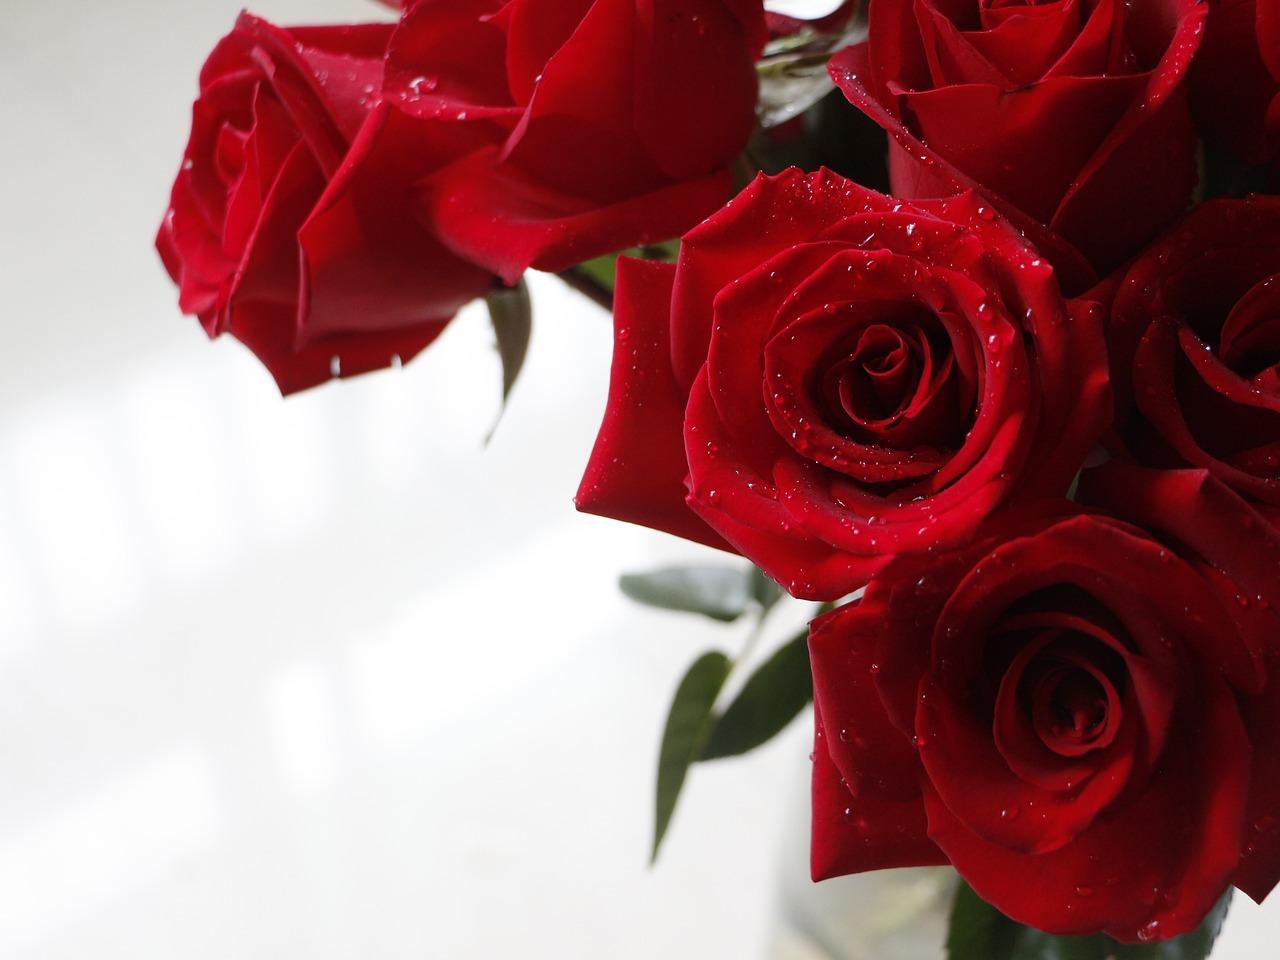 Открытка 3 красных розы, надписями смыслом про